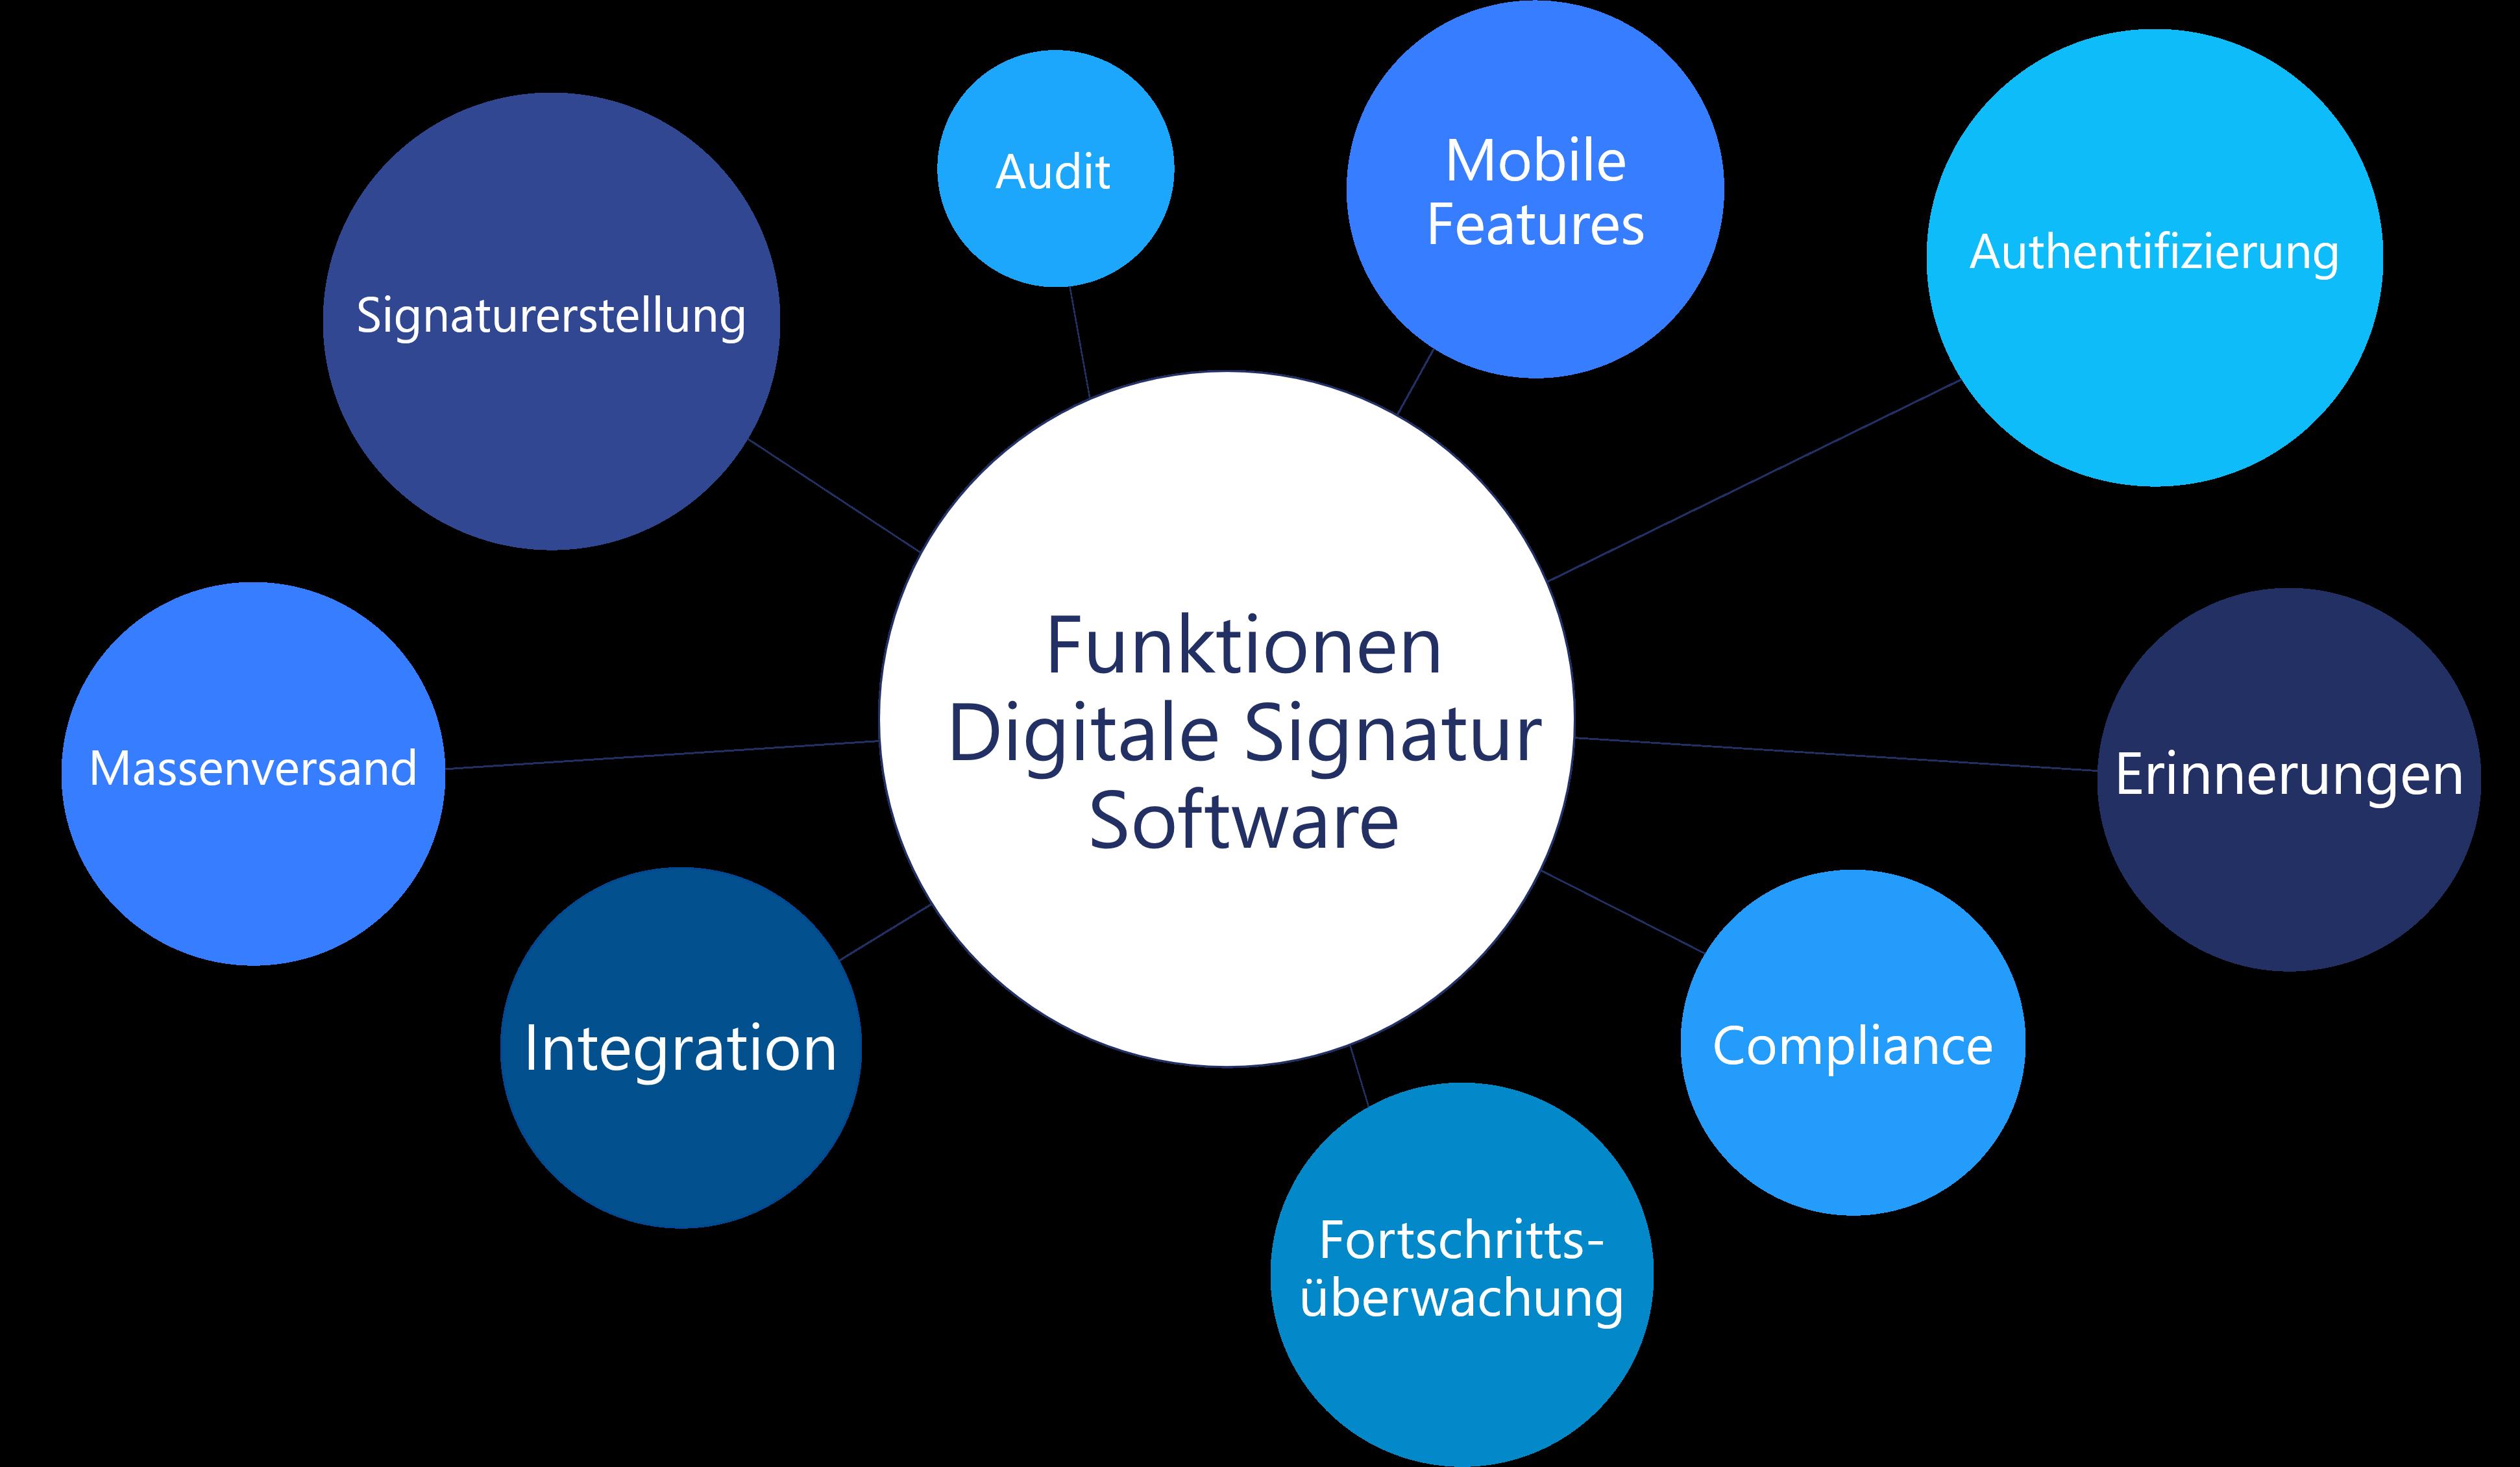 Darstellung - Wichtige Funktionen einer Digitale Signatur Software